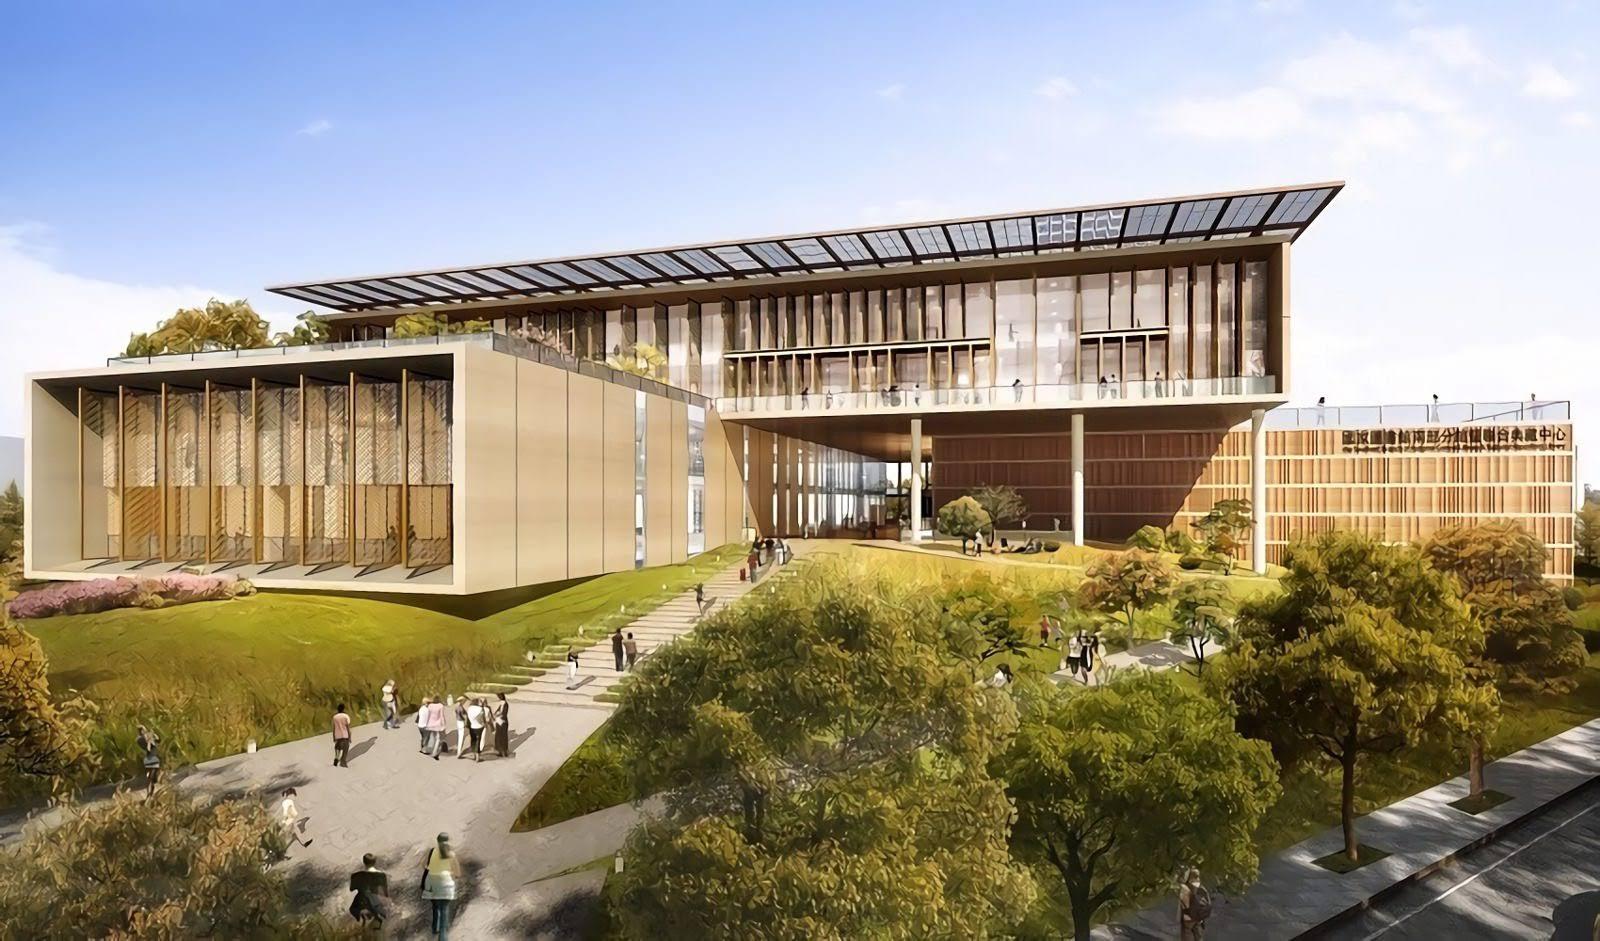 國家圖書館南部分館|預計2024年完工|與環境共生共存|會呼吸的AI未來概念圖書館